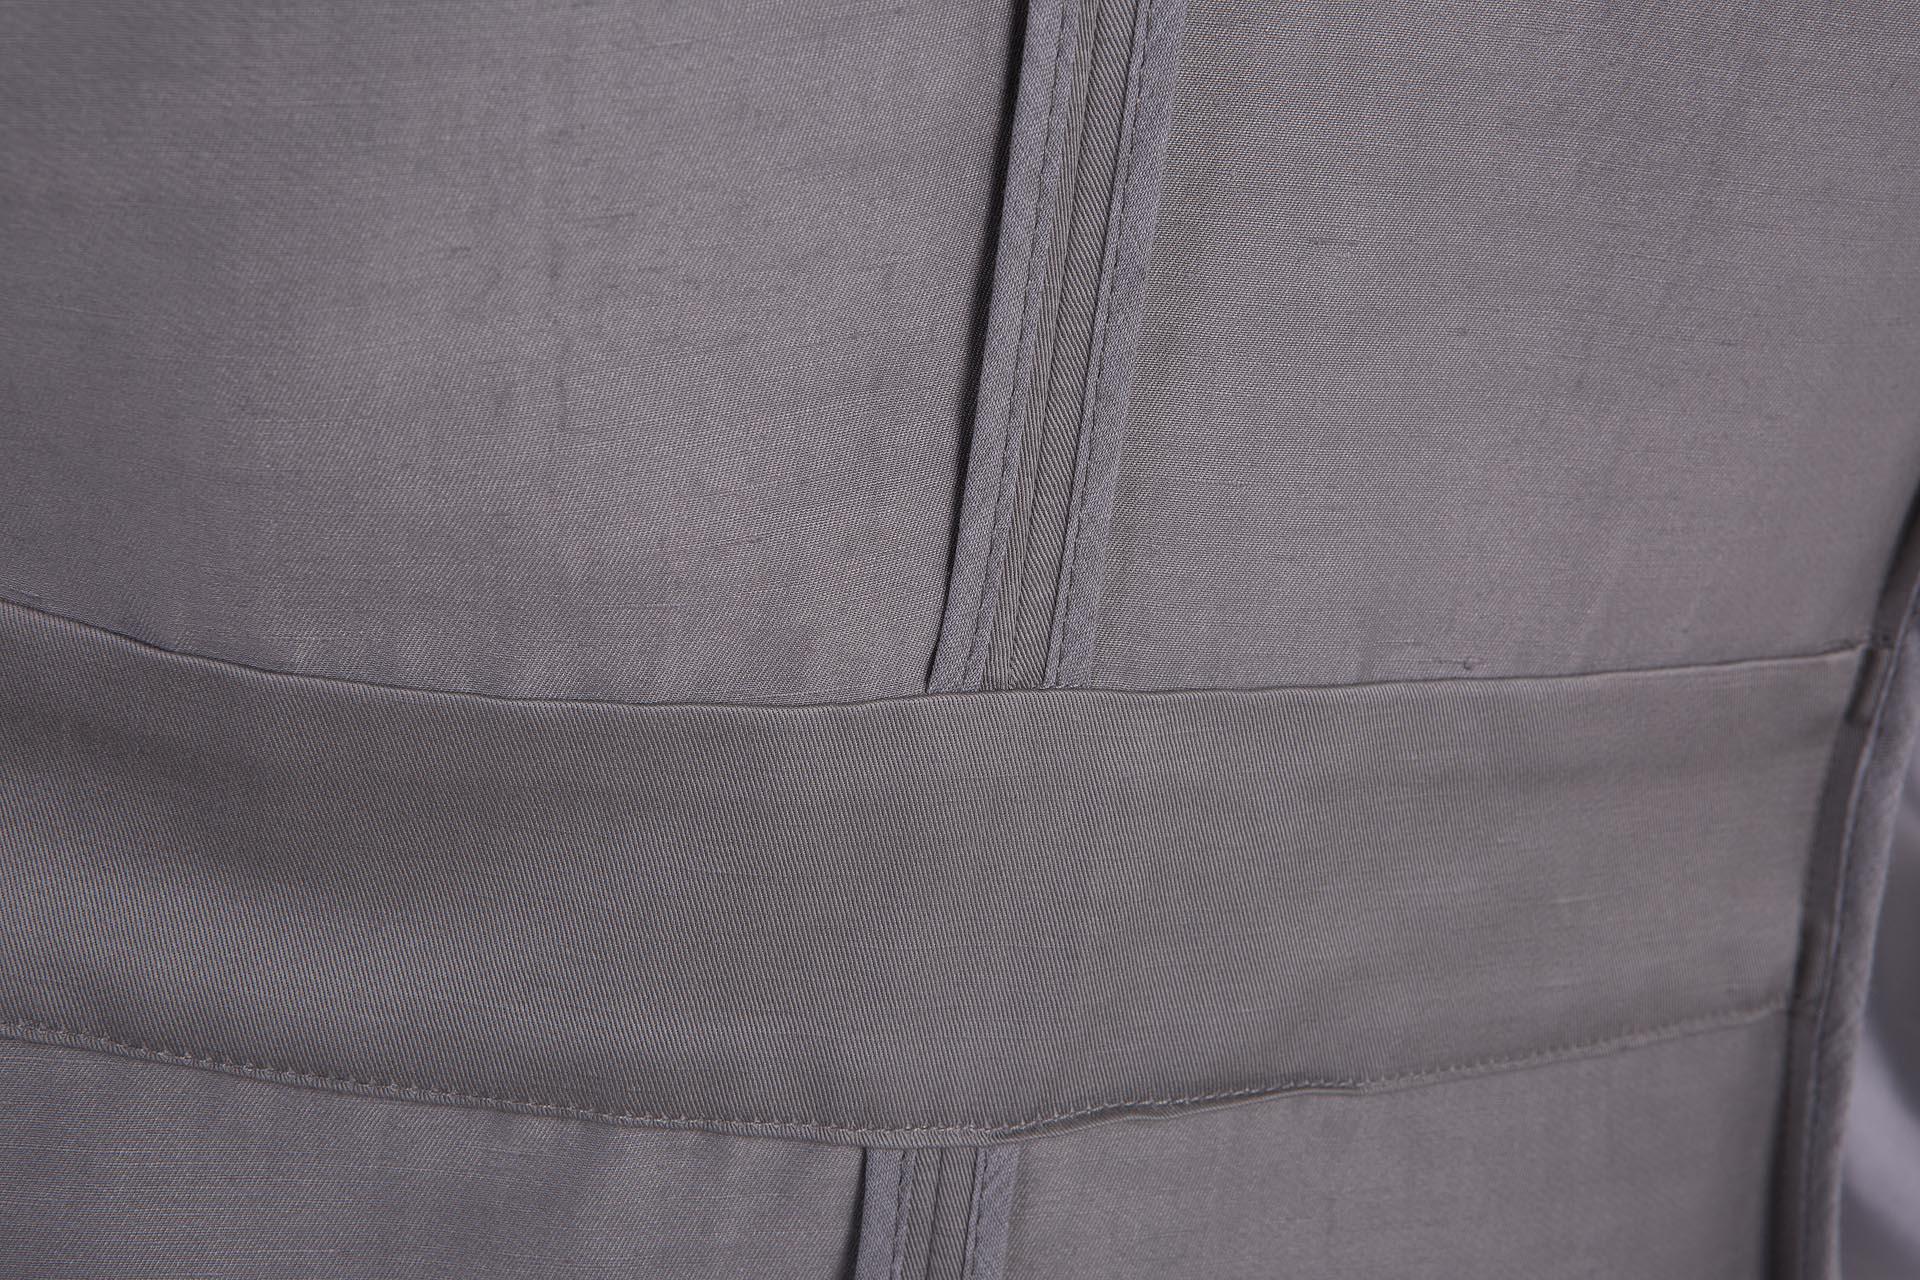 gdl_produzione_abbigliamento_sora_050